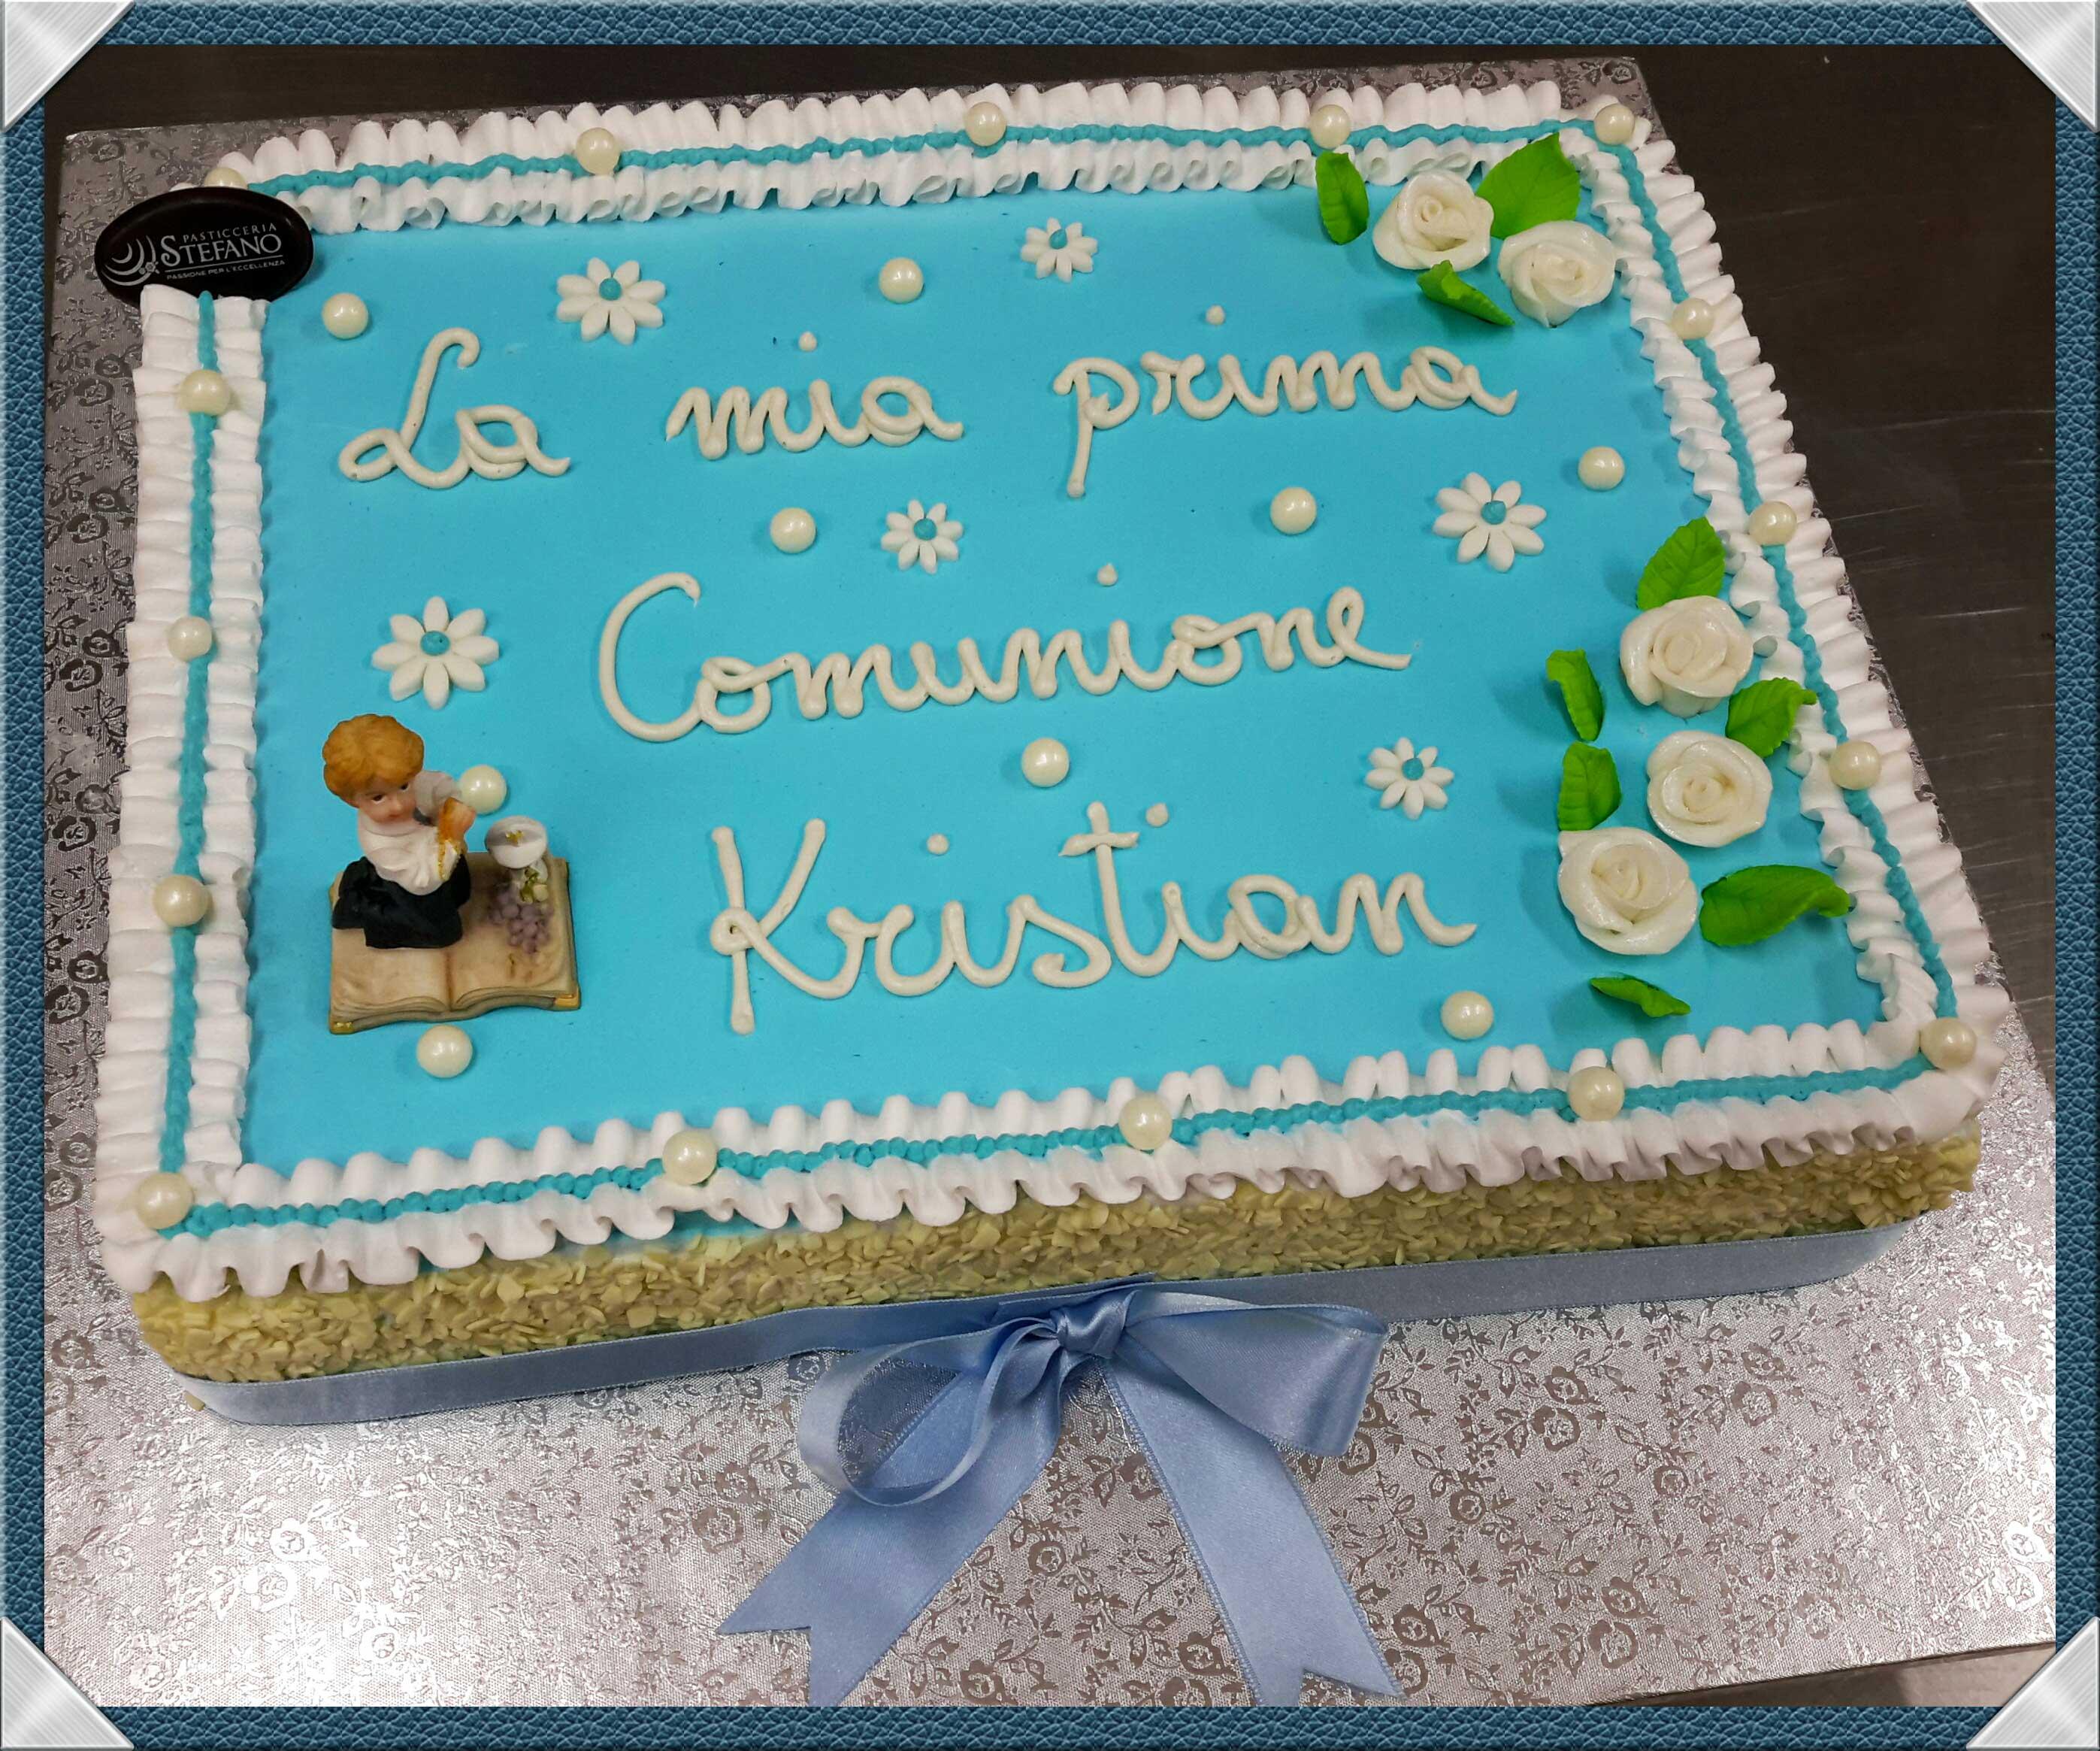 Coloratissima torta rettangolare con finitura superficiale in panna di  color azzurro e con bordo stile \\u201cnastro\\u201d in panna bianca.